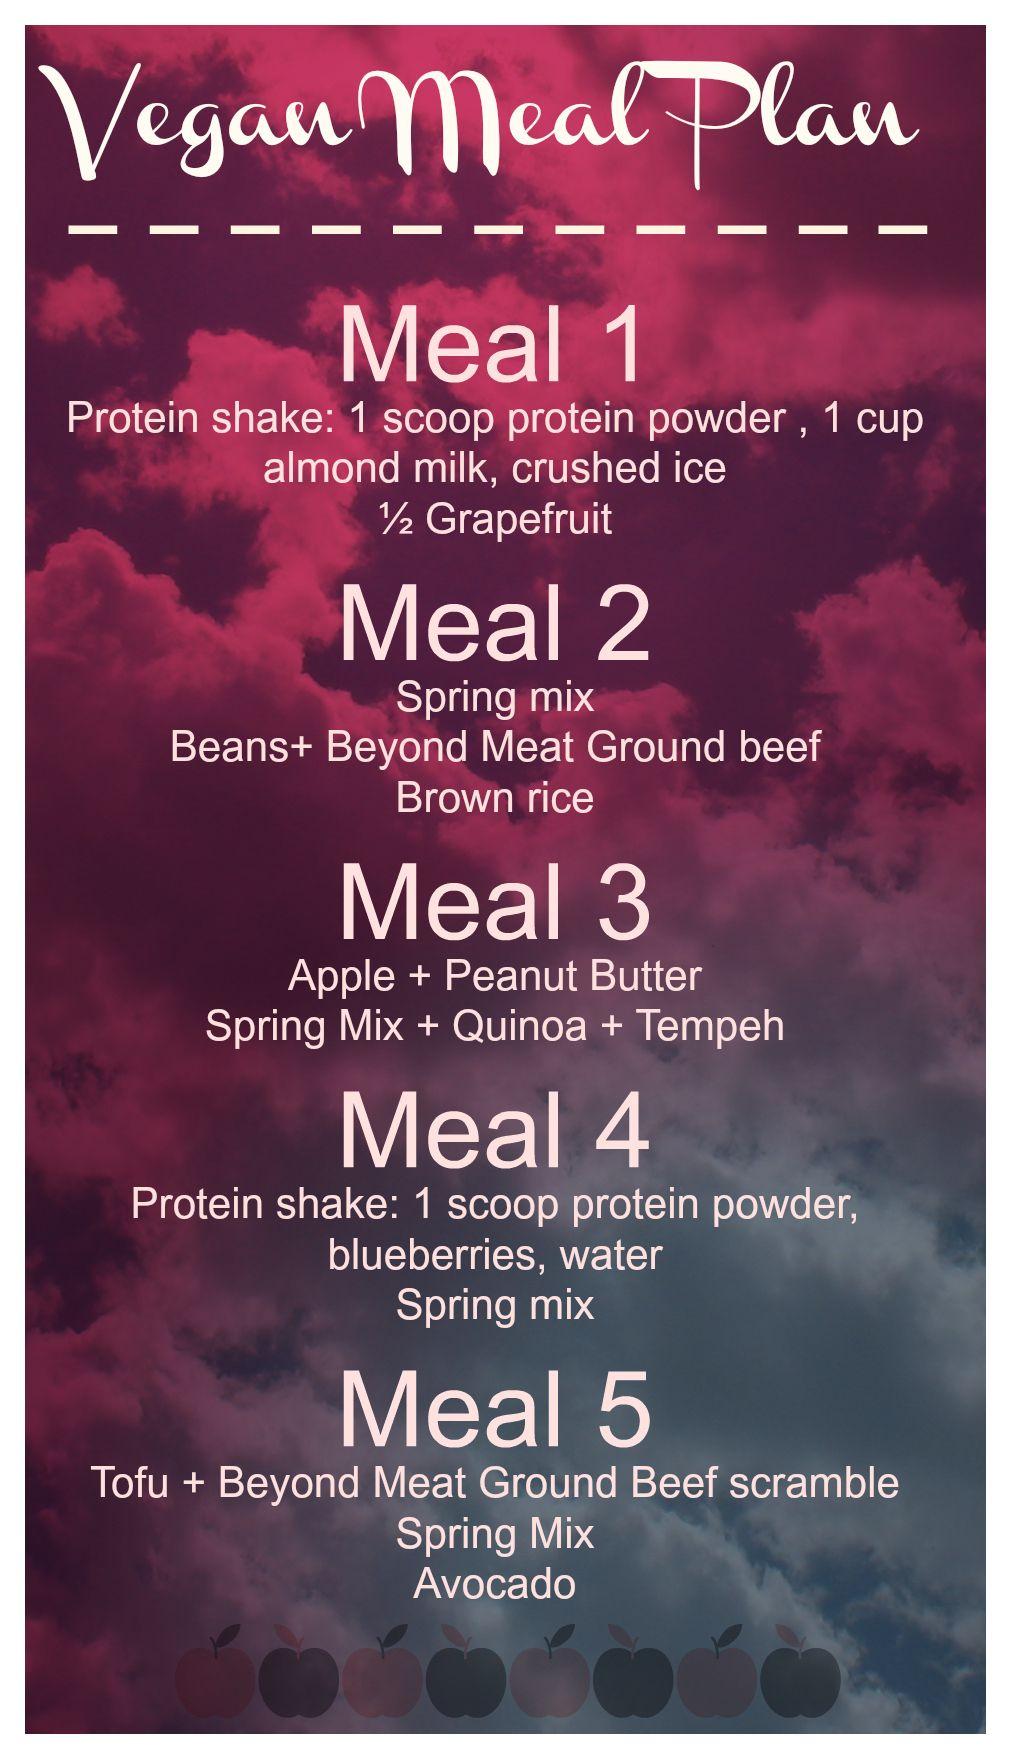 A Vegan Meal Plan Based Off Of 1450 1500 Calories Beyondmeat Vegan Mealplan Nutrirtion Vegan Diet Plan Vegan Meal Plans Ketogenic Diet Meal Plan